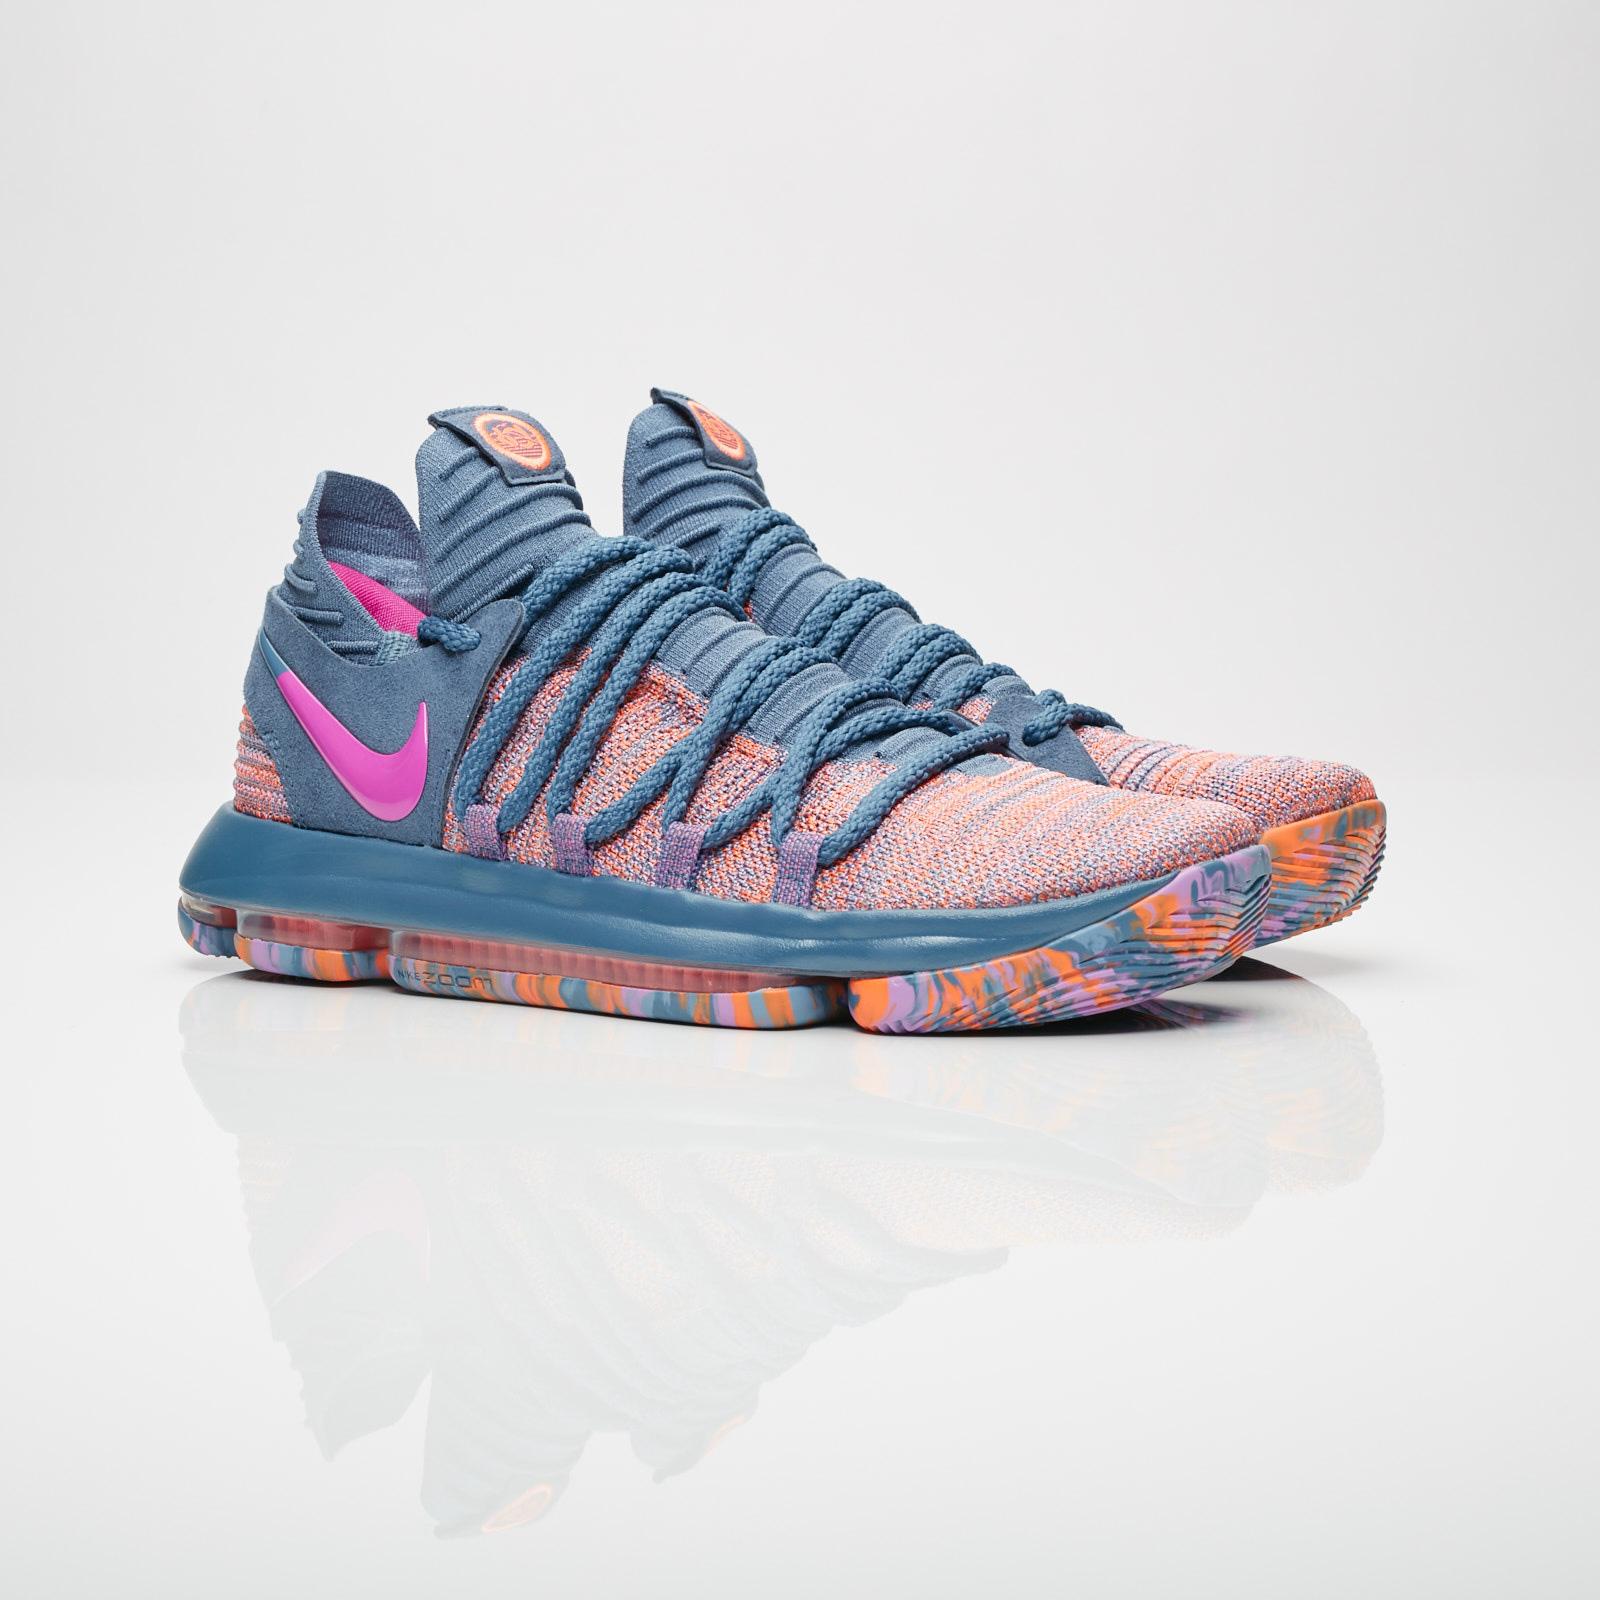 finest selection 11d79 74b2d Nike Zoom KD10 LMTD - 897817-400 - Sneakersnstuff | sneakers ...